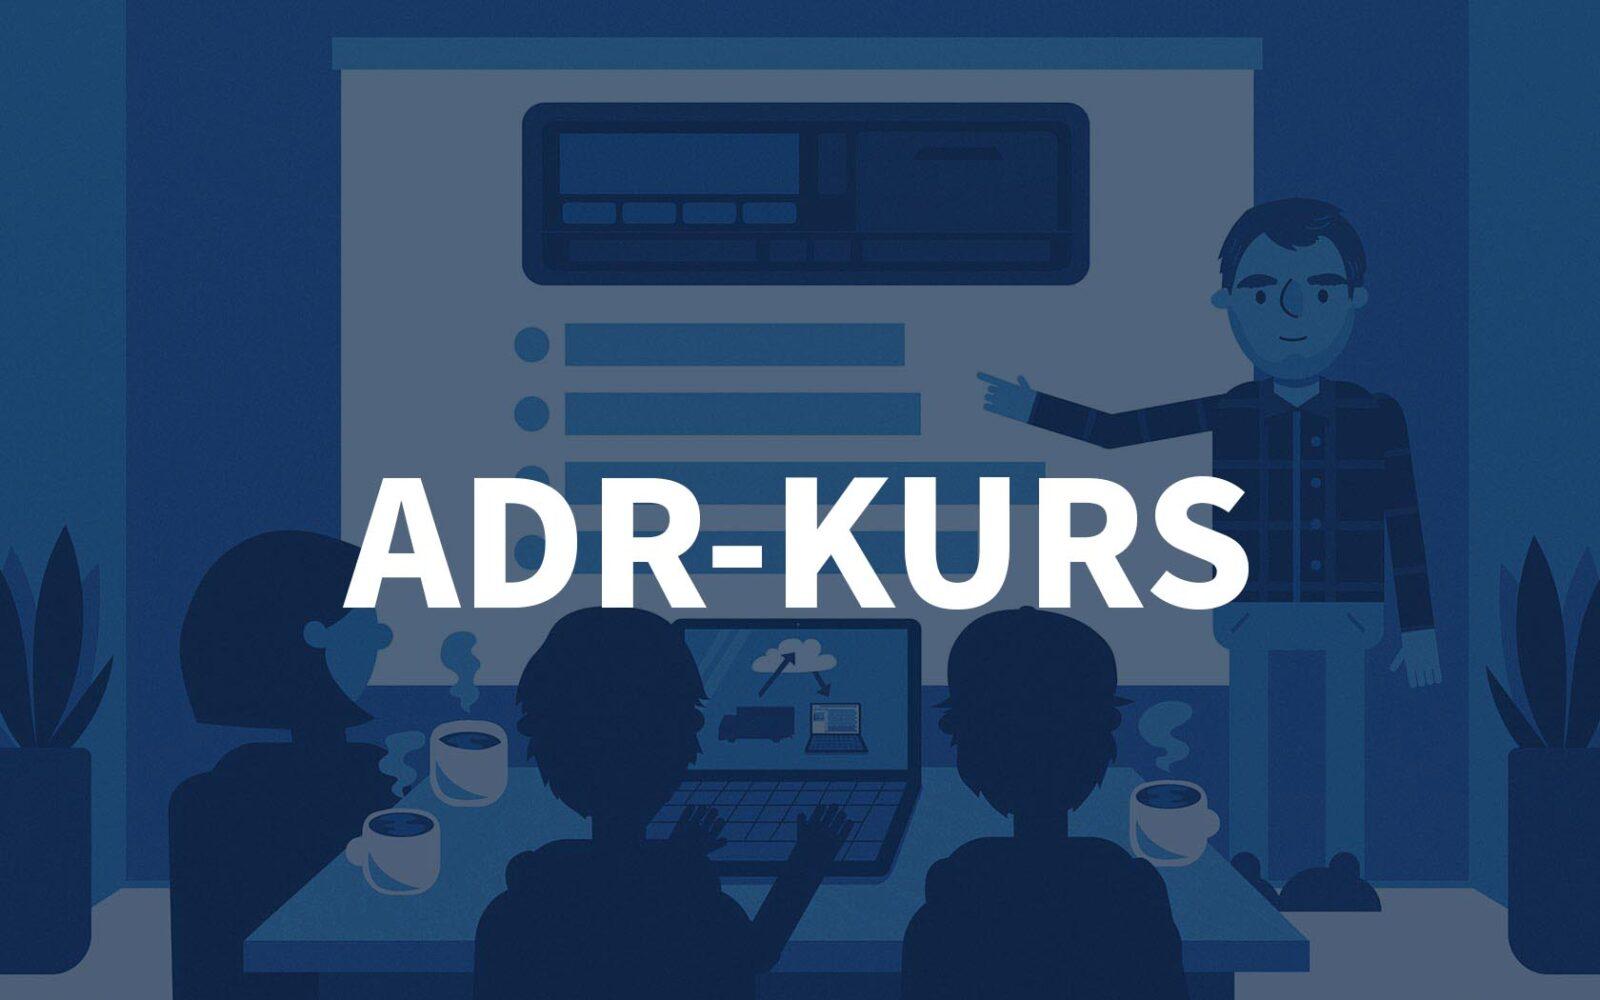 Grafisk bilde av et kursrom hos Fartskriver AS med teksten ADR-kurs